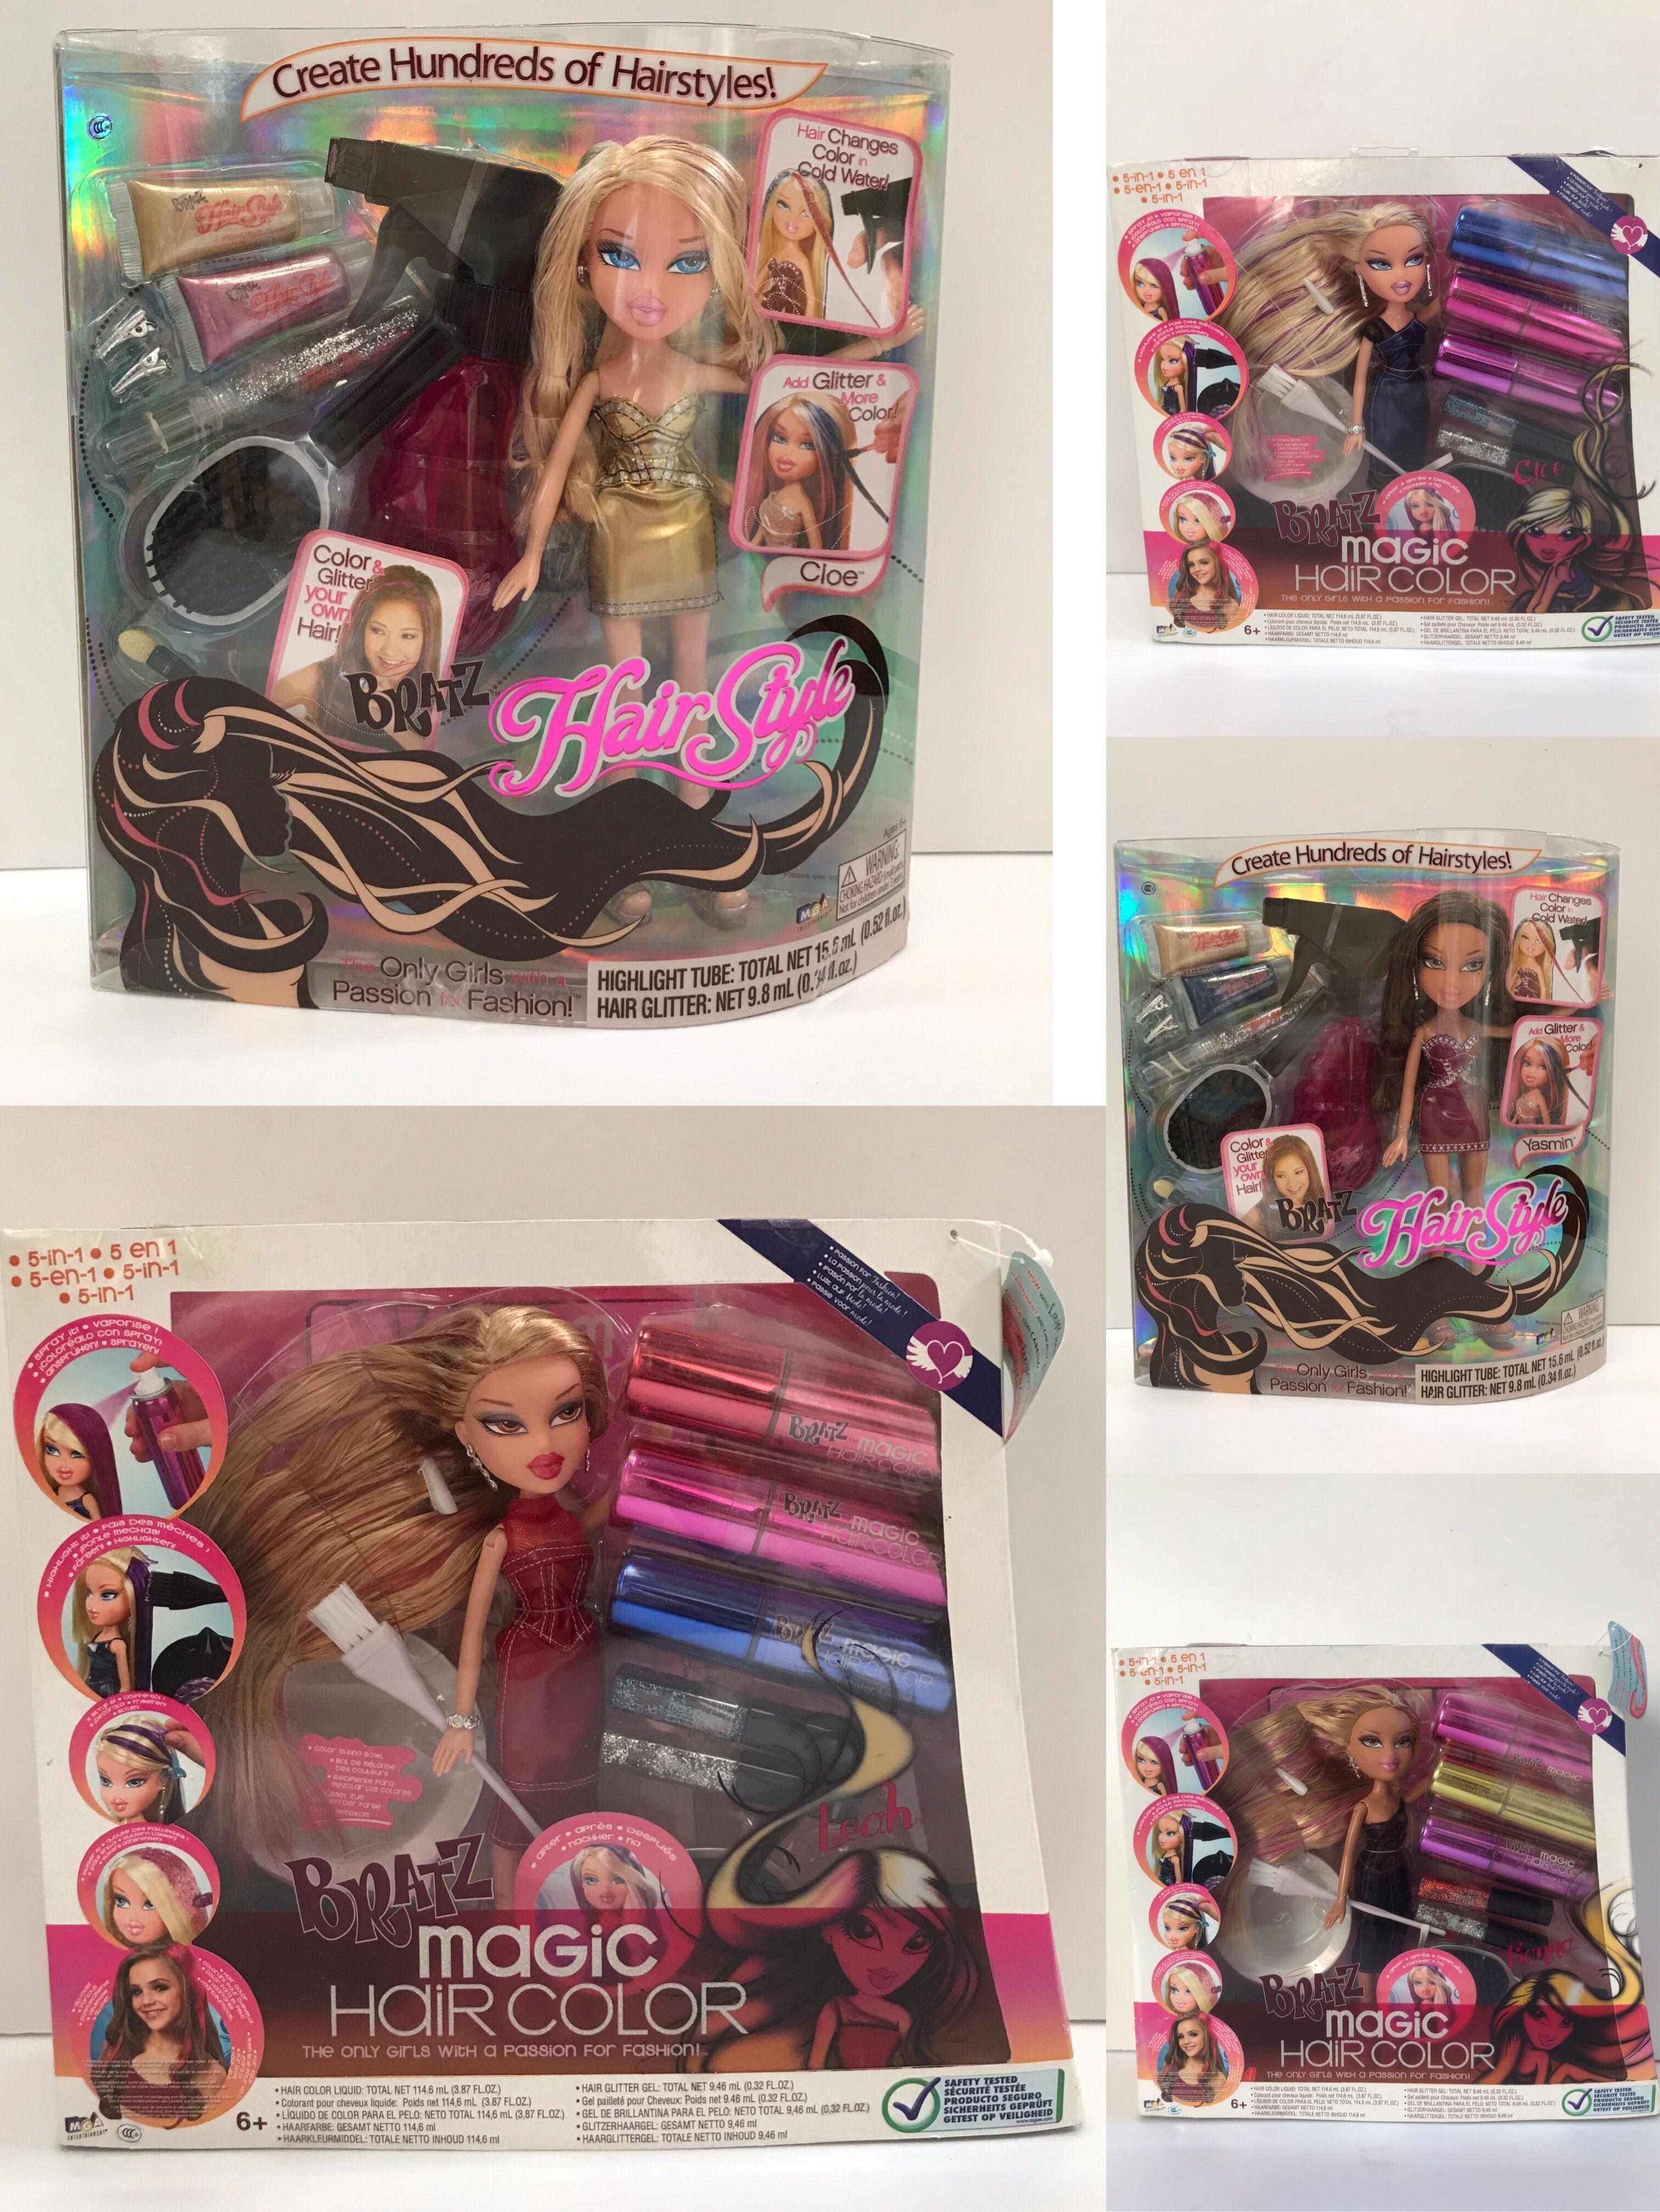 Красивая кукла для макияжа Mga brпокупки, девушки любят милые куклы с упаковкой